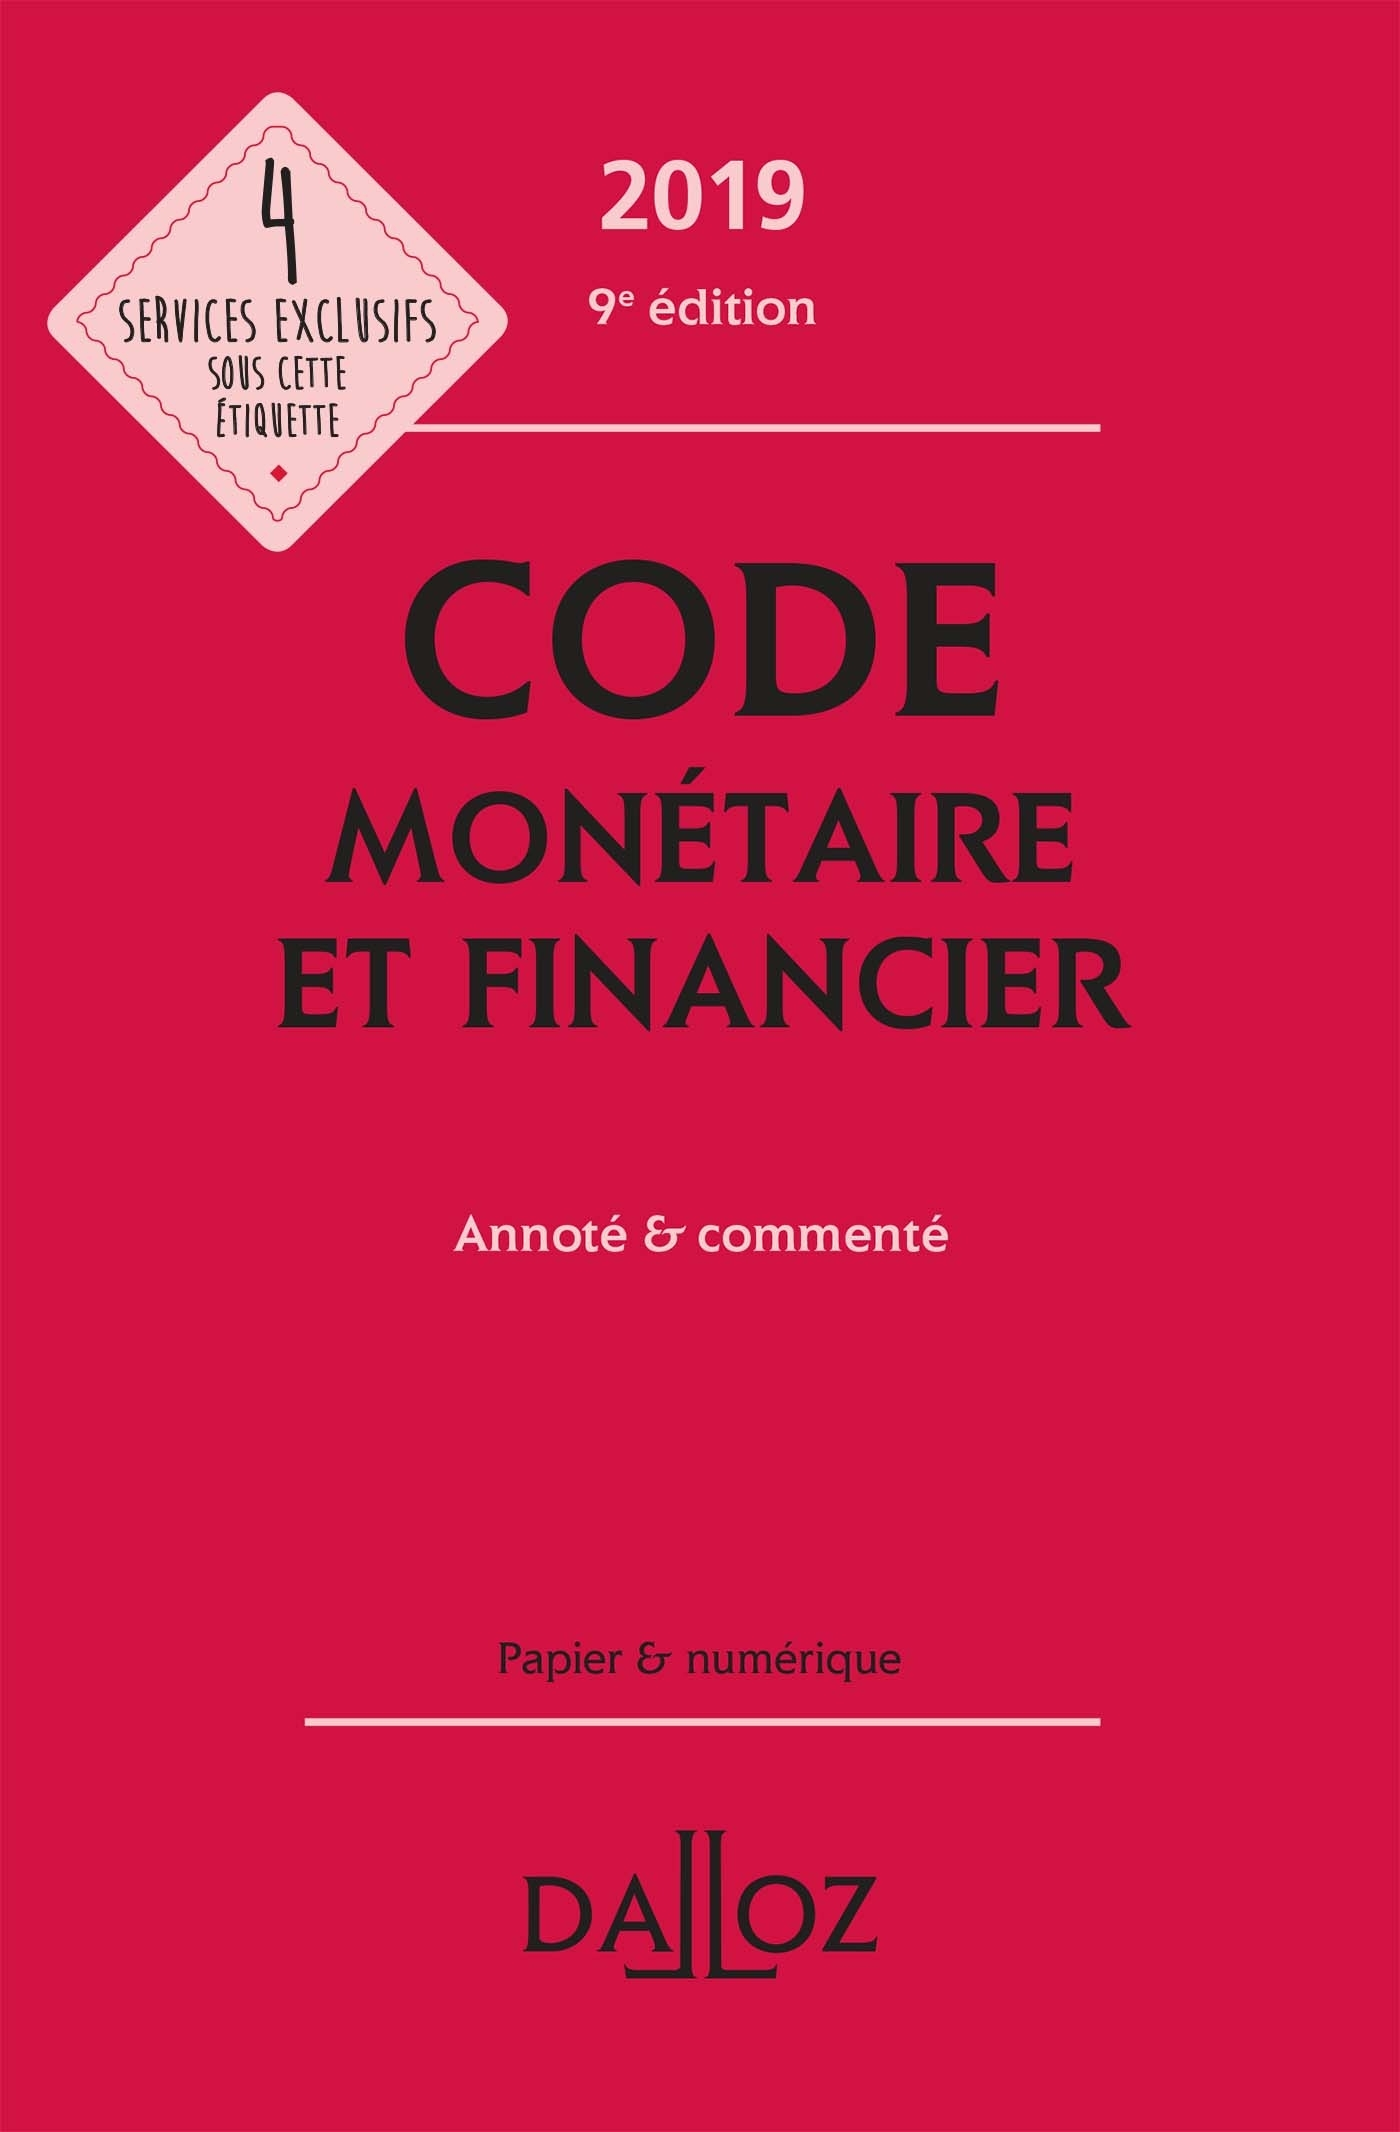 CODE MONETAIRE ET FINANCIER 2019, ANNOTE & COMMENTE - 9E ED.